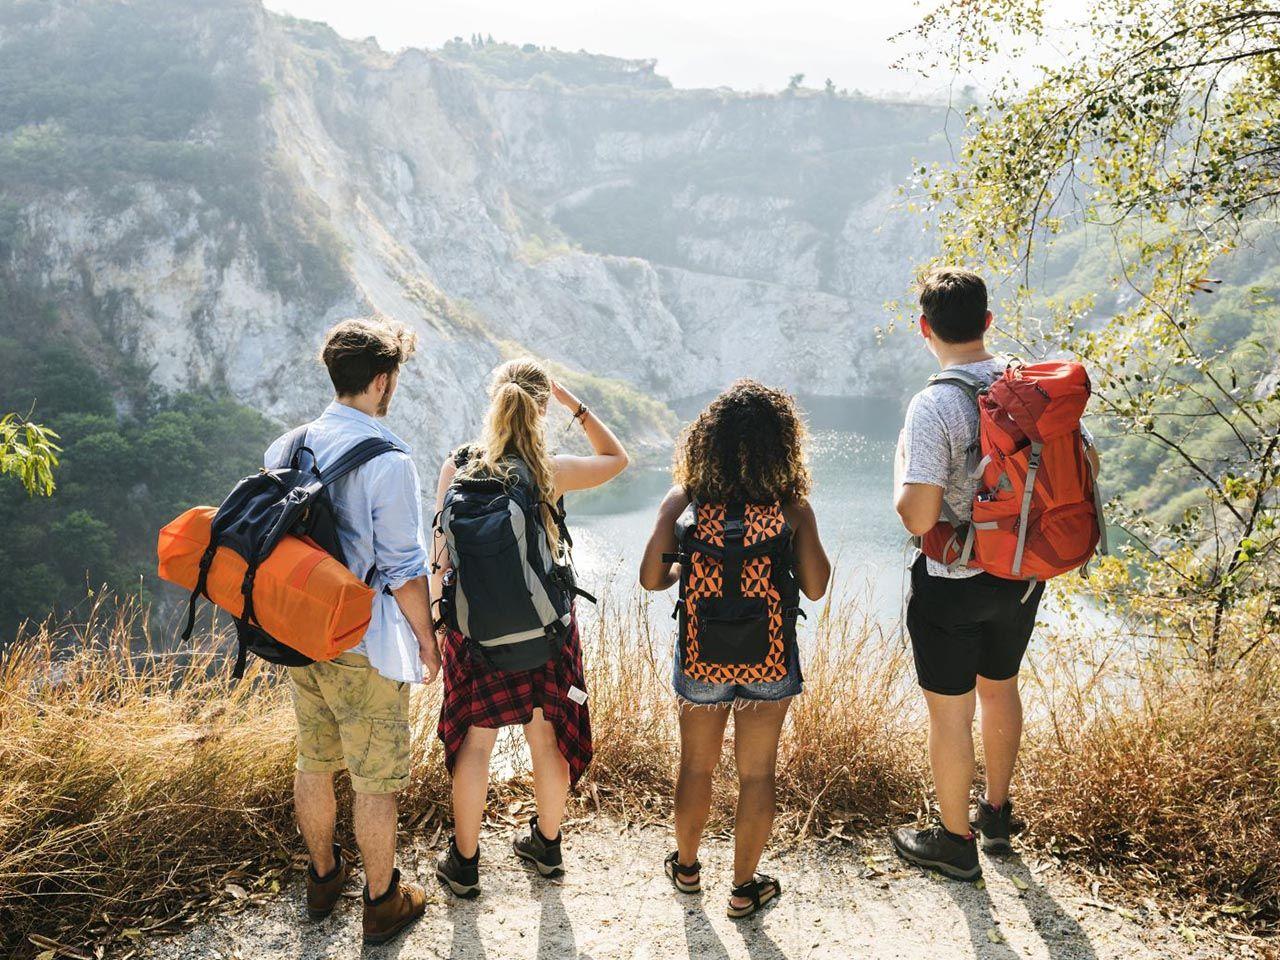 6b4767b1abd2b Jeżeli planujesz wyjazd w góry, z pewnością przyda ci się plecak. To  najwygodniejszy sposób na przenoszenie podstawowych akcesoriów. Jaki plecak  turystyczny ...